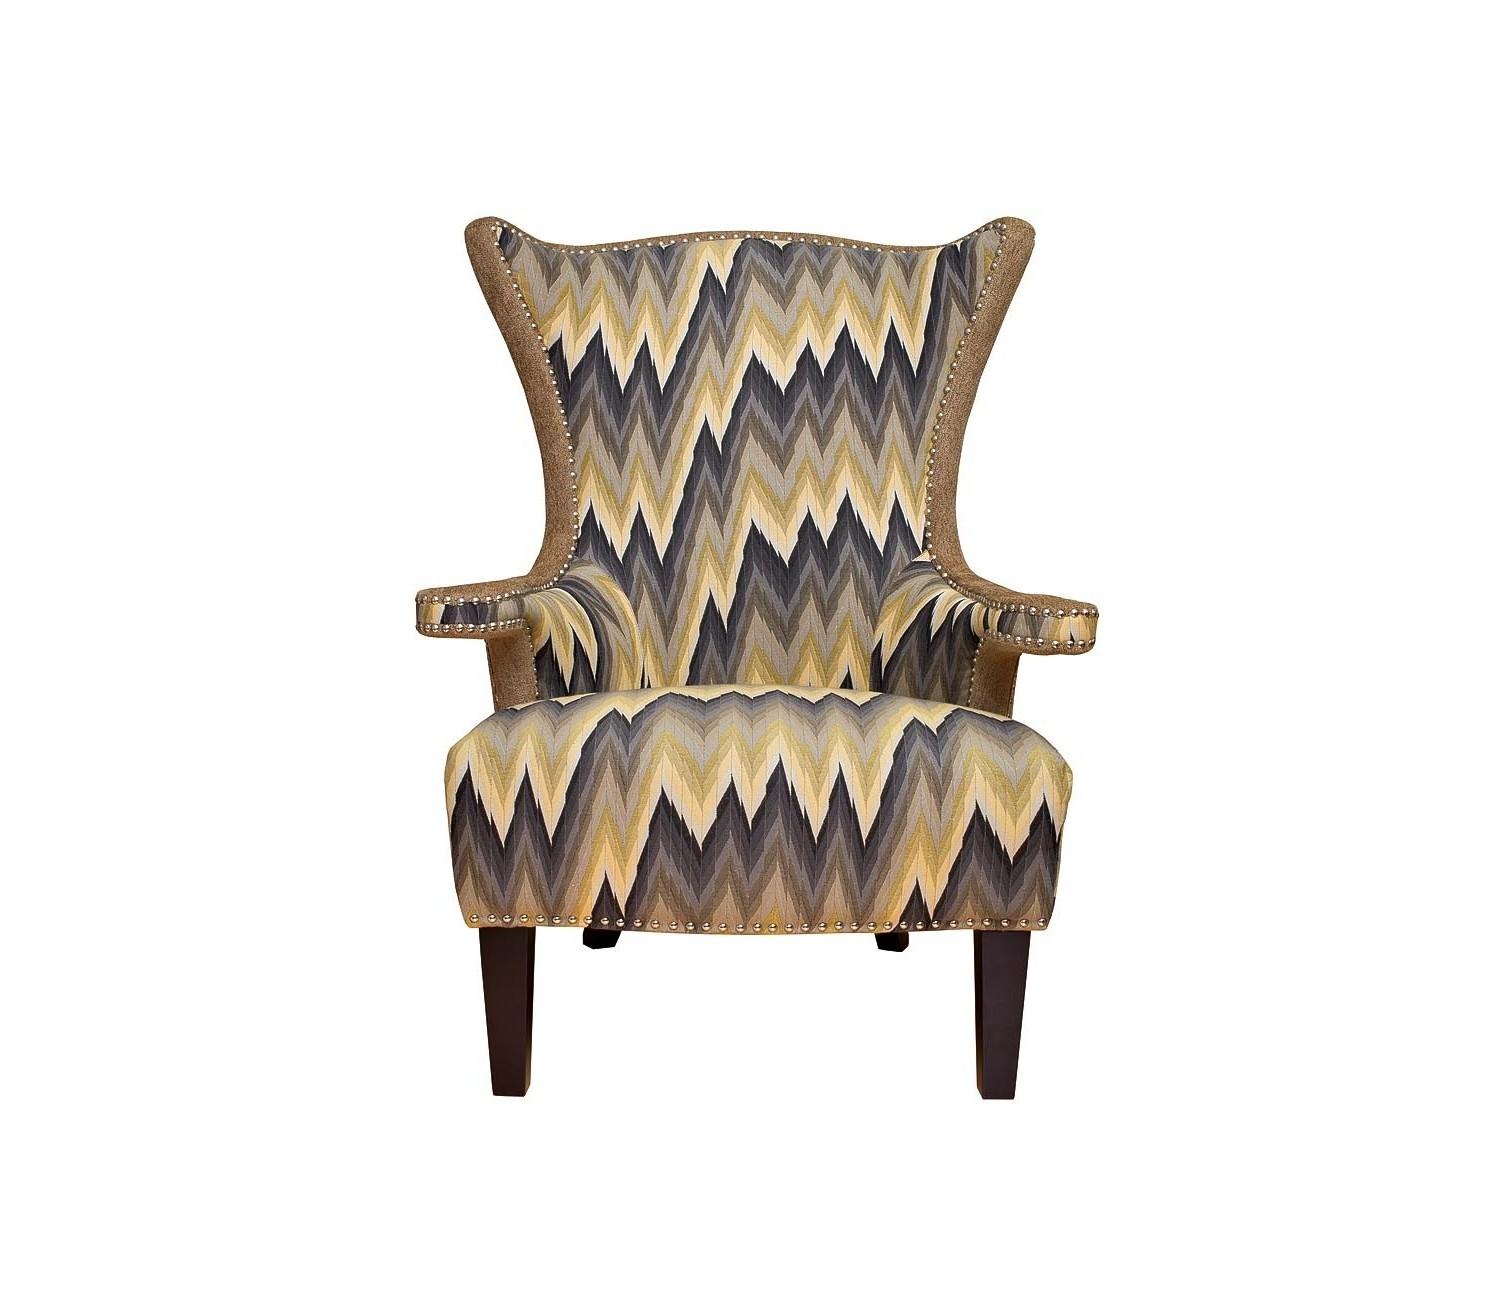 Кресло ШалеКресла с высокой спинкой<br><br><br>Material: Велюр<br>Ширина см: 86<br>Высота см: 110<br>Глубина см: 94